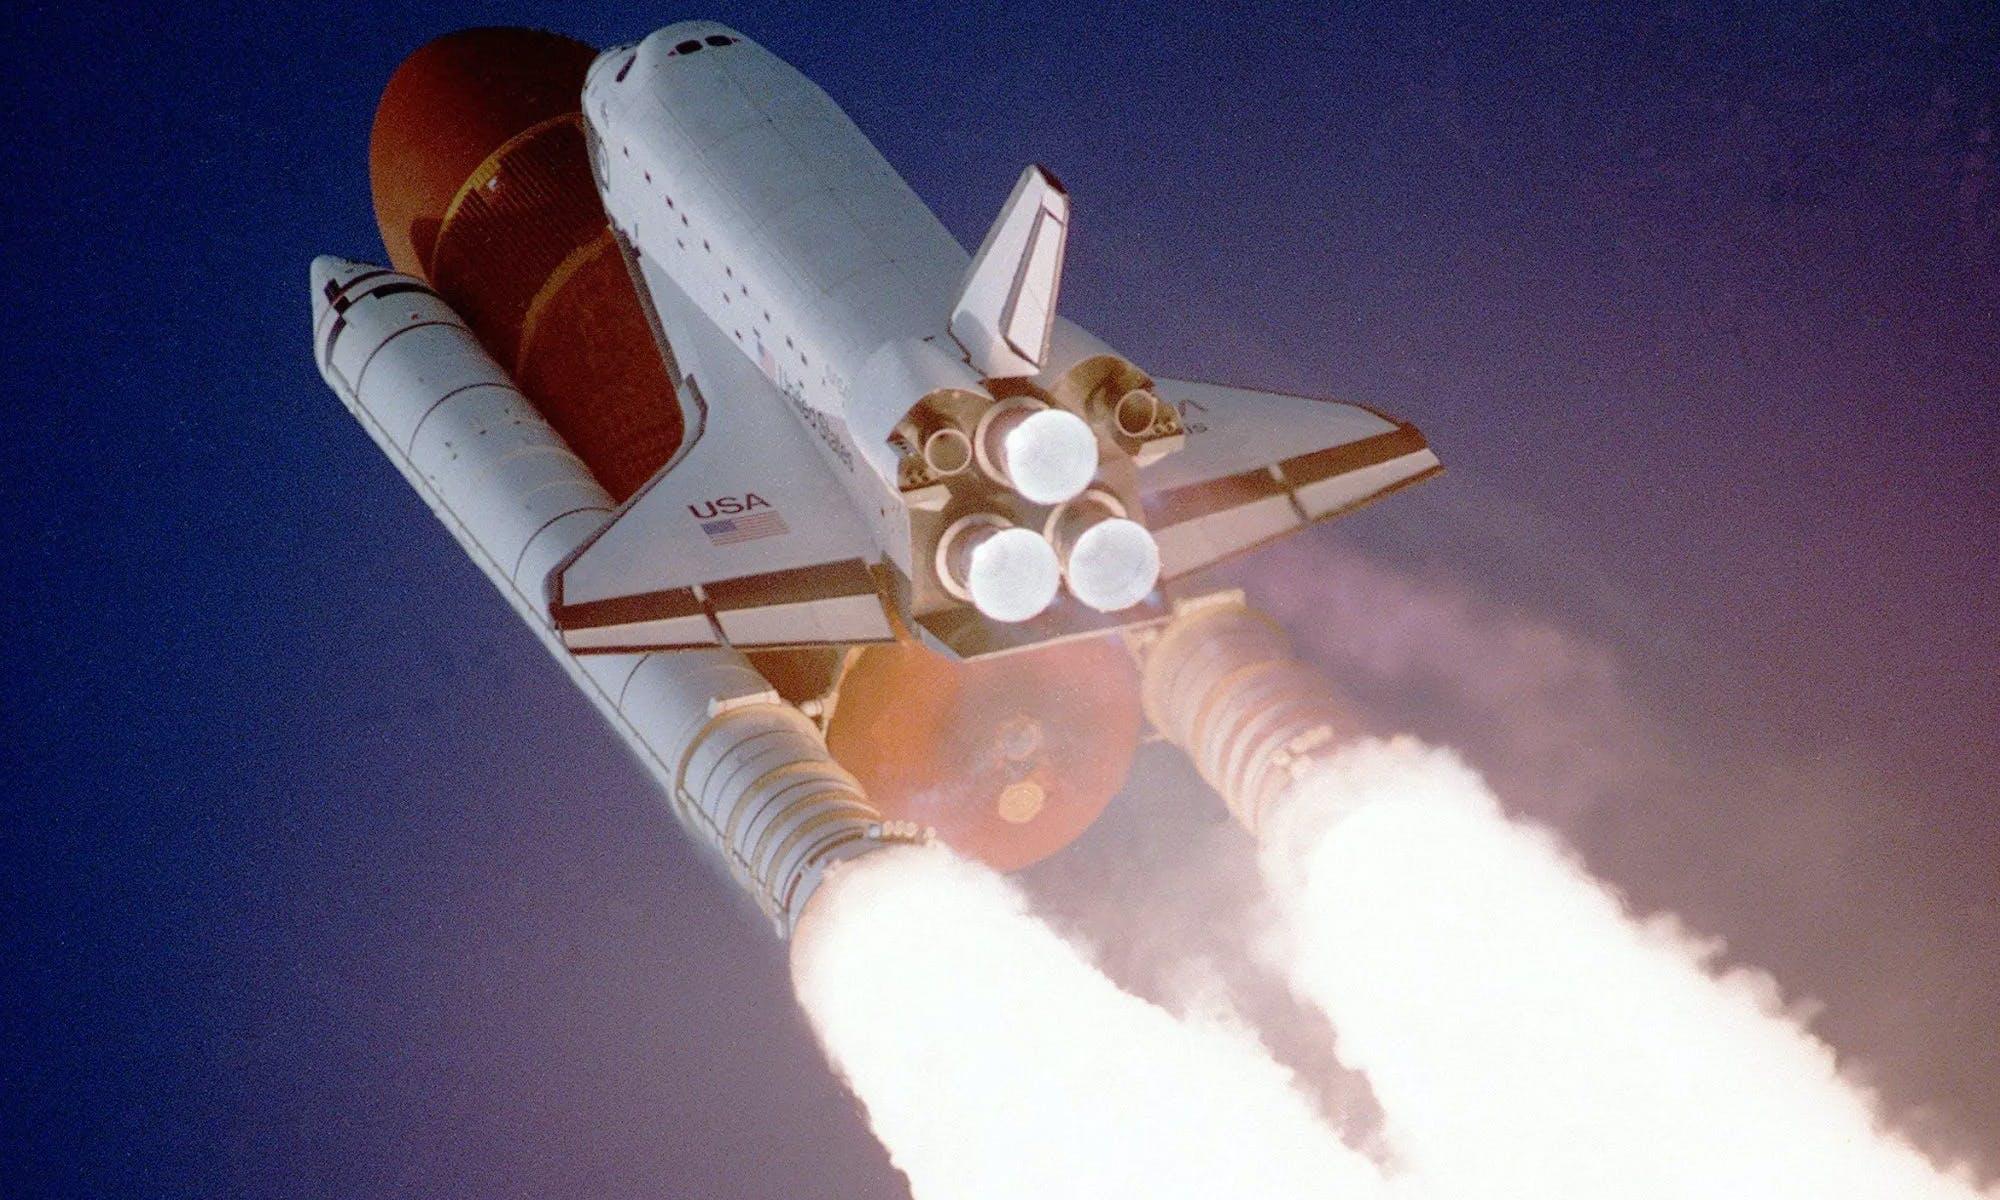 Chelsea Apps a rocket taking off